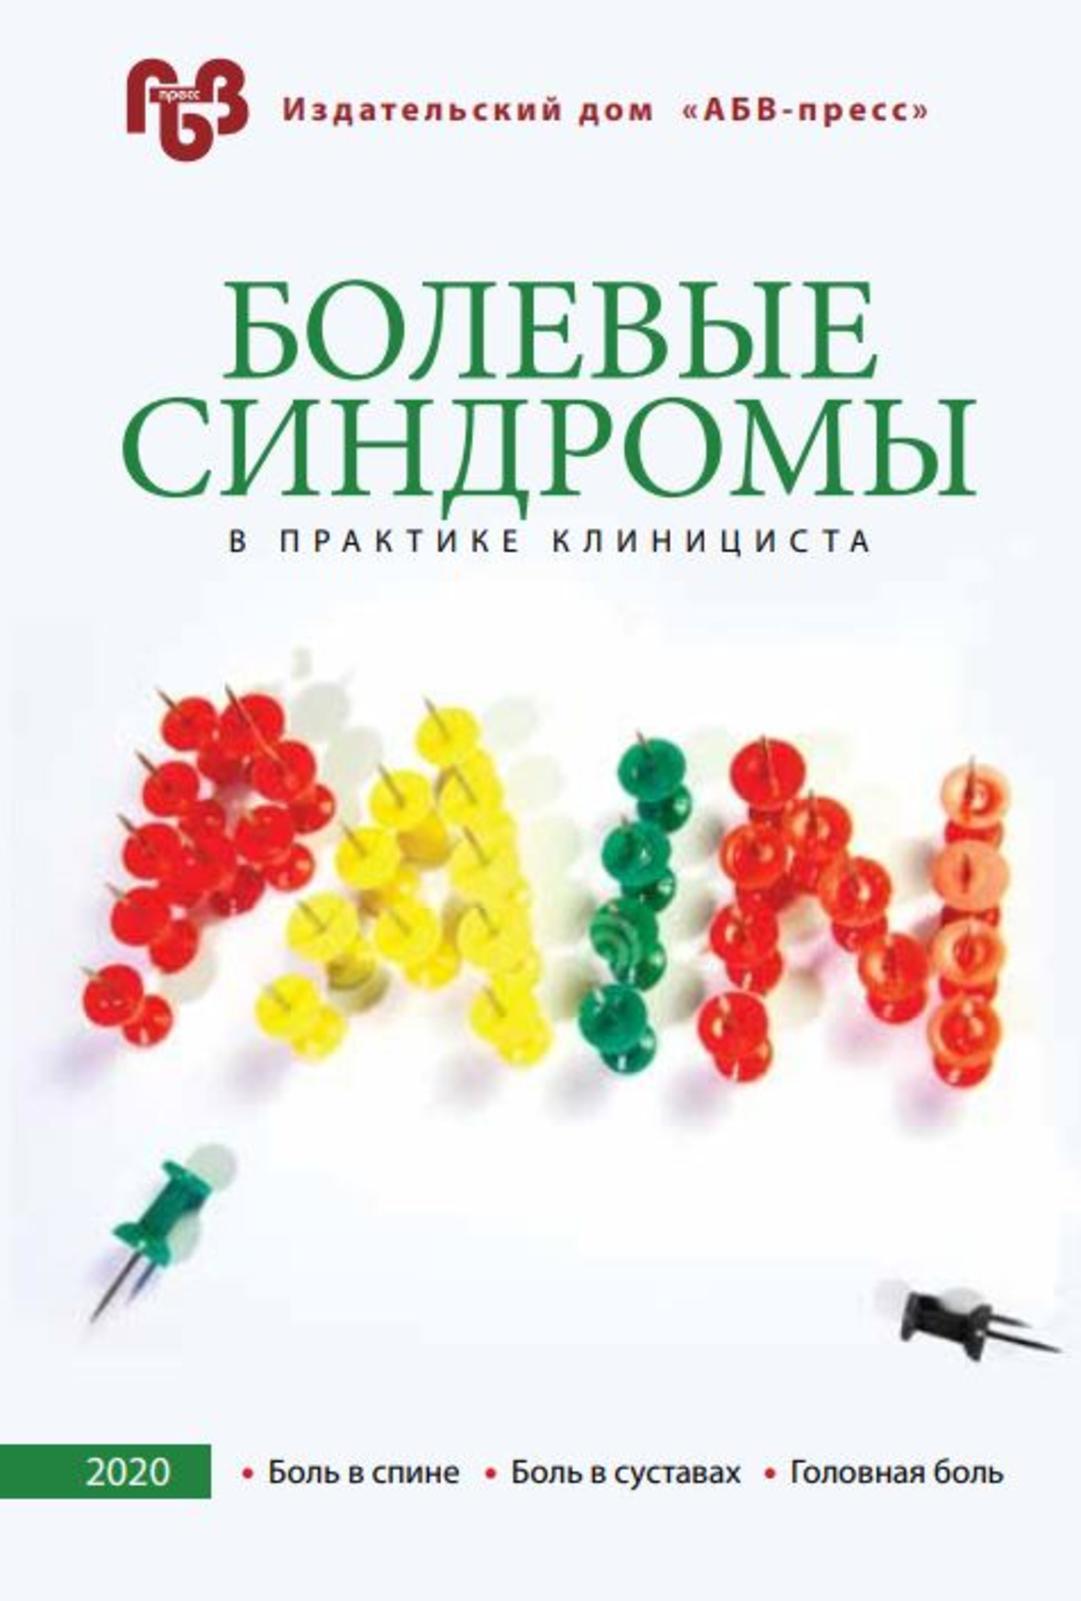 Лучшие книги по ревматологии Болевые синдромы в практике клинициста bolev_sin.jpg